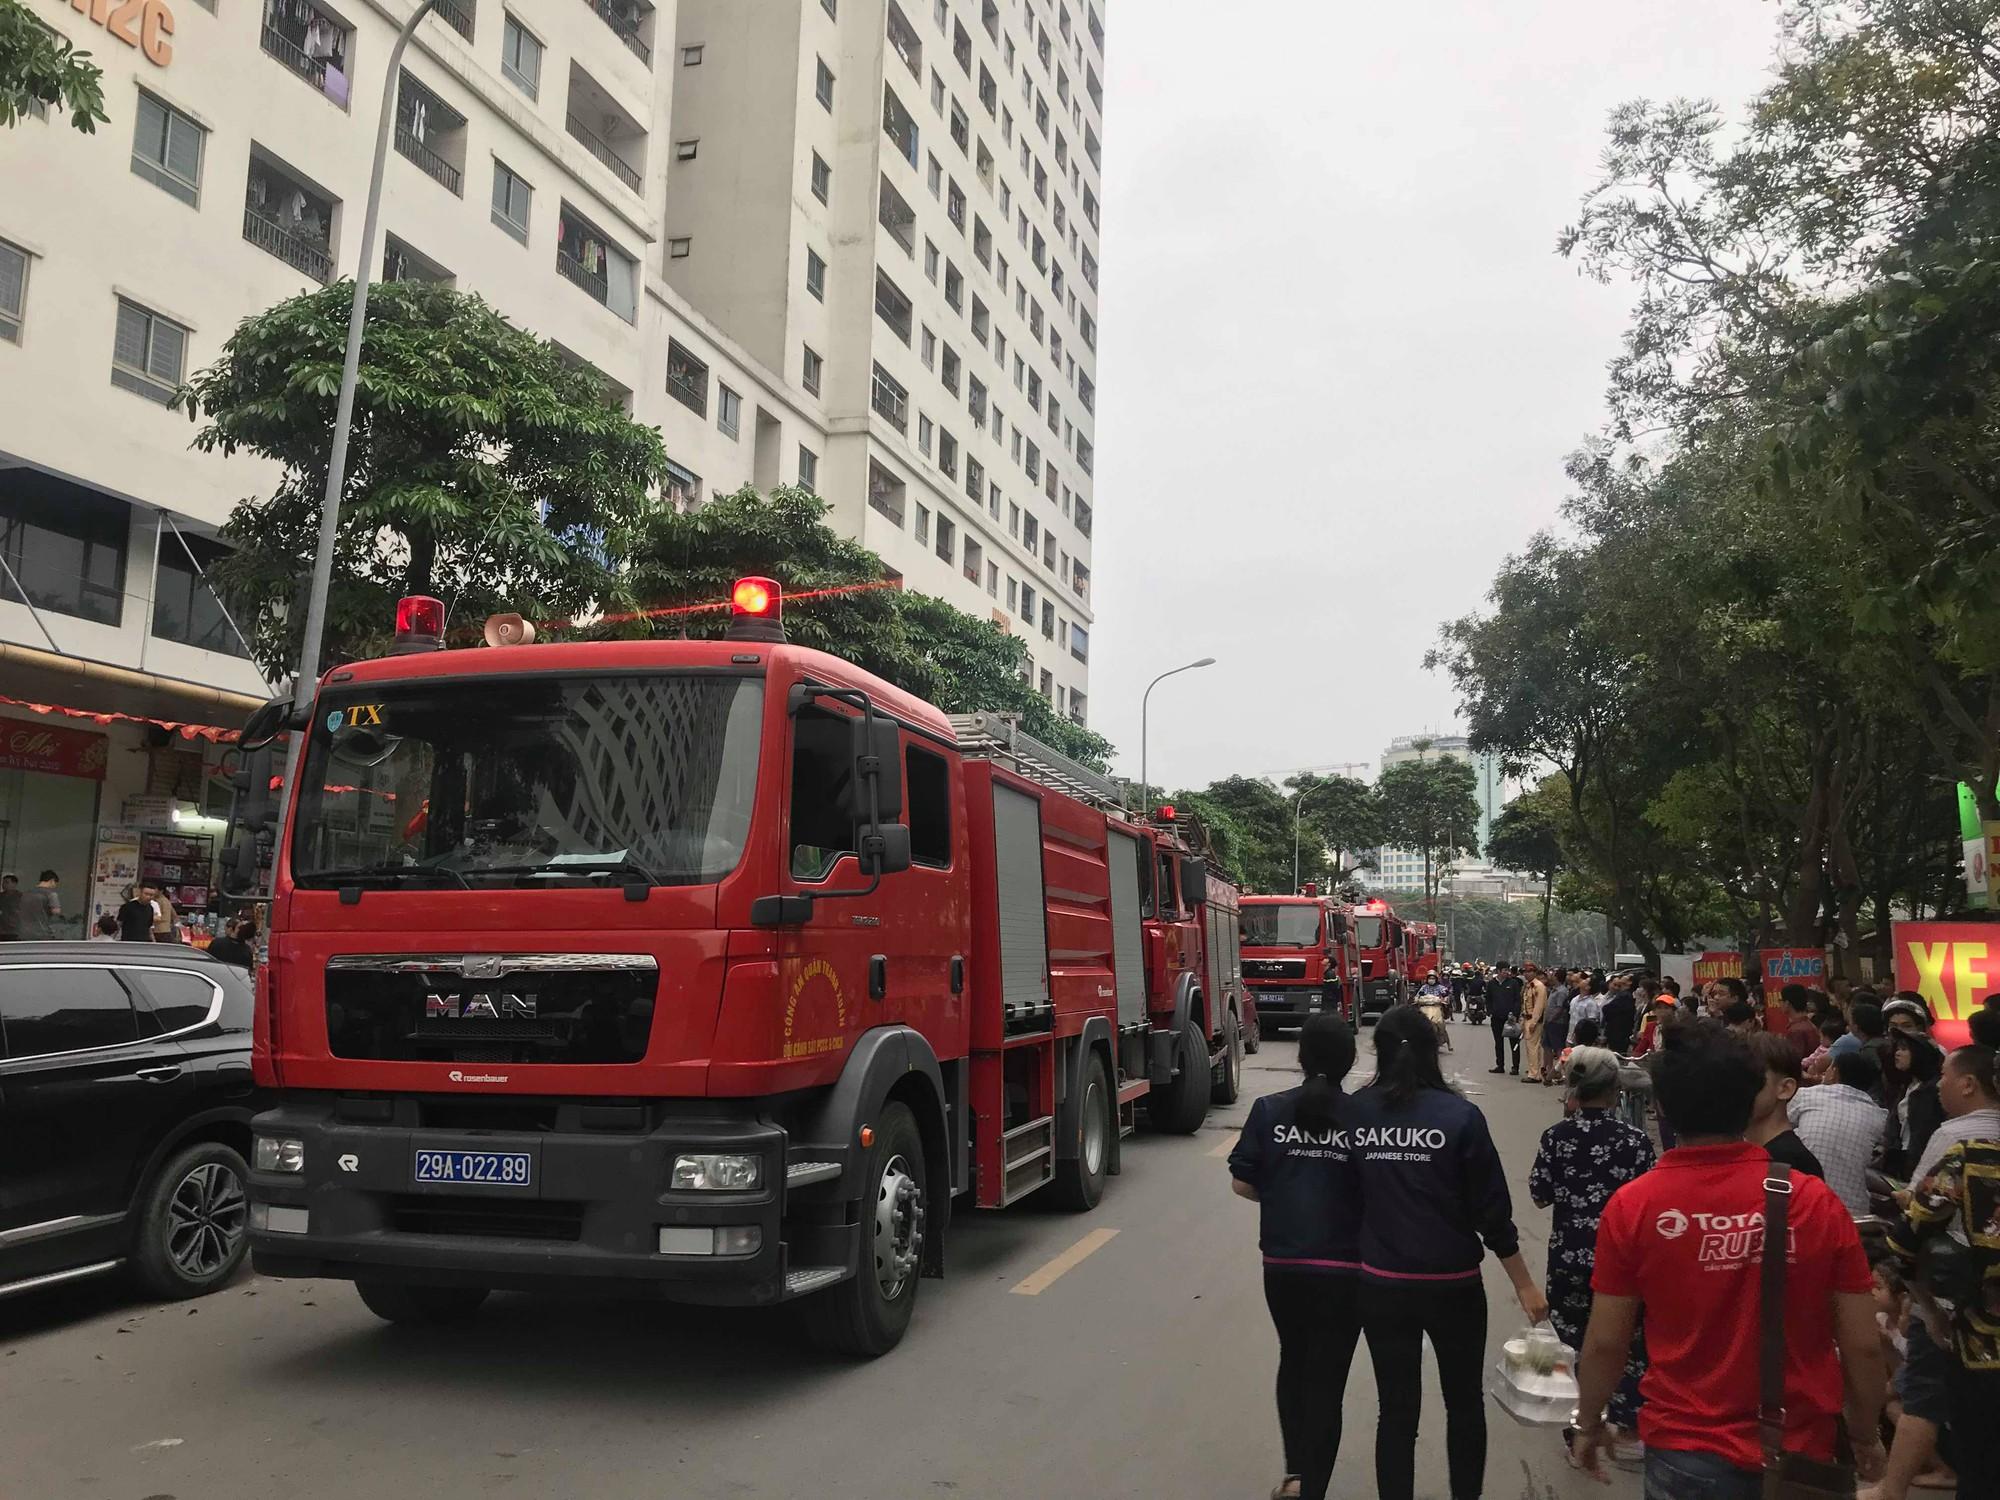 Cháy tại tầng 32 chung cư HH Linh Đàm, khói đen bốc nghi ngút khiến nhiều người hoảng sợ-2